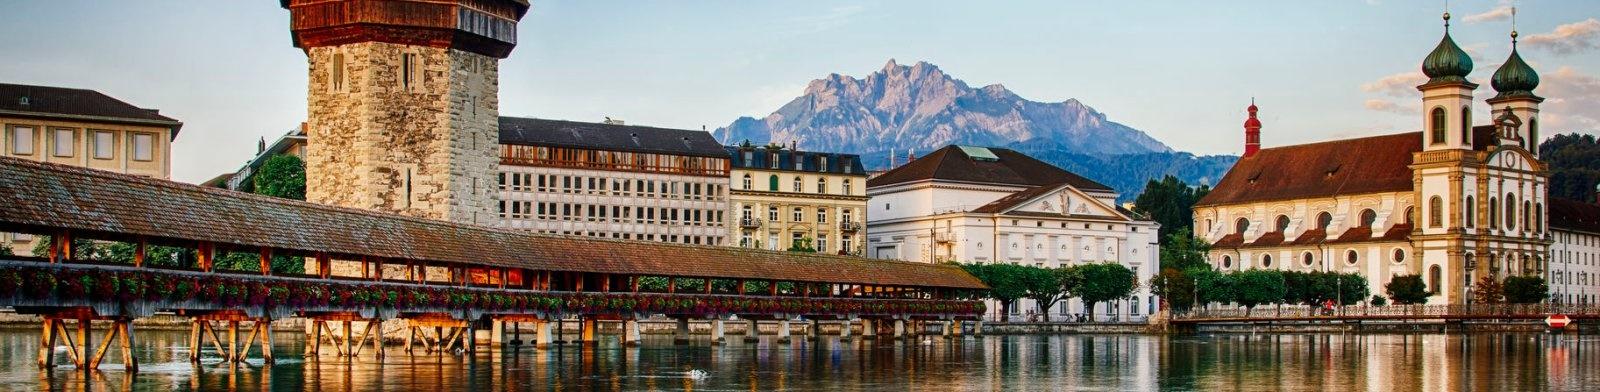 Lucerne, main image